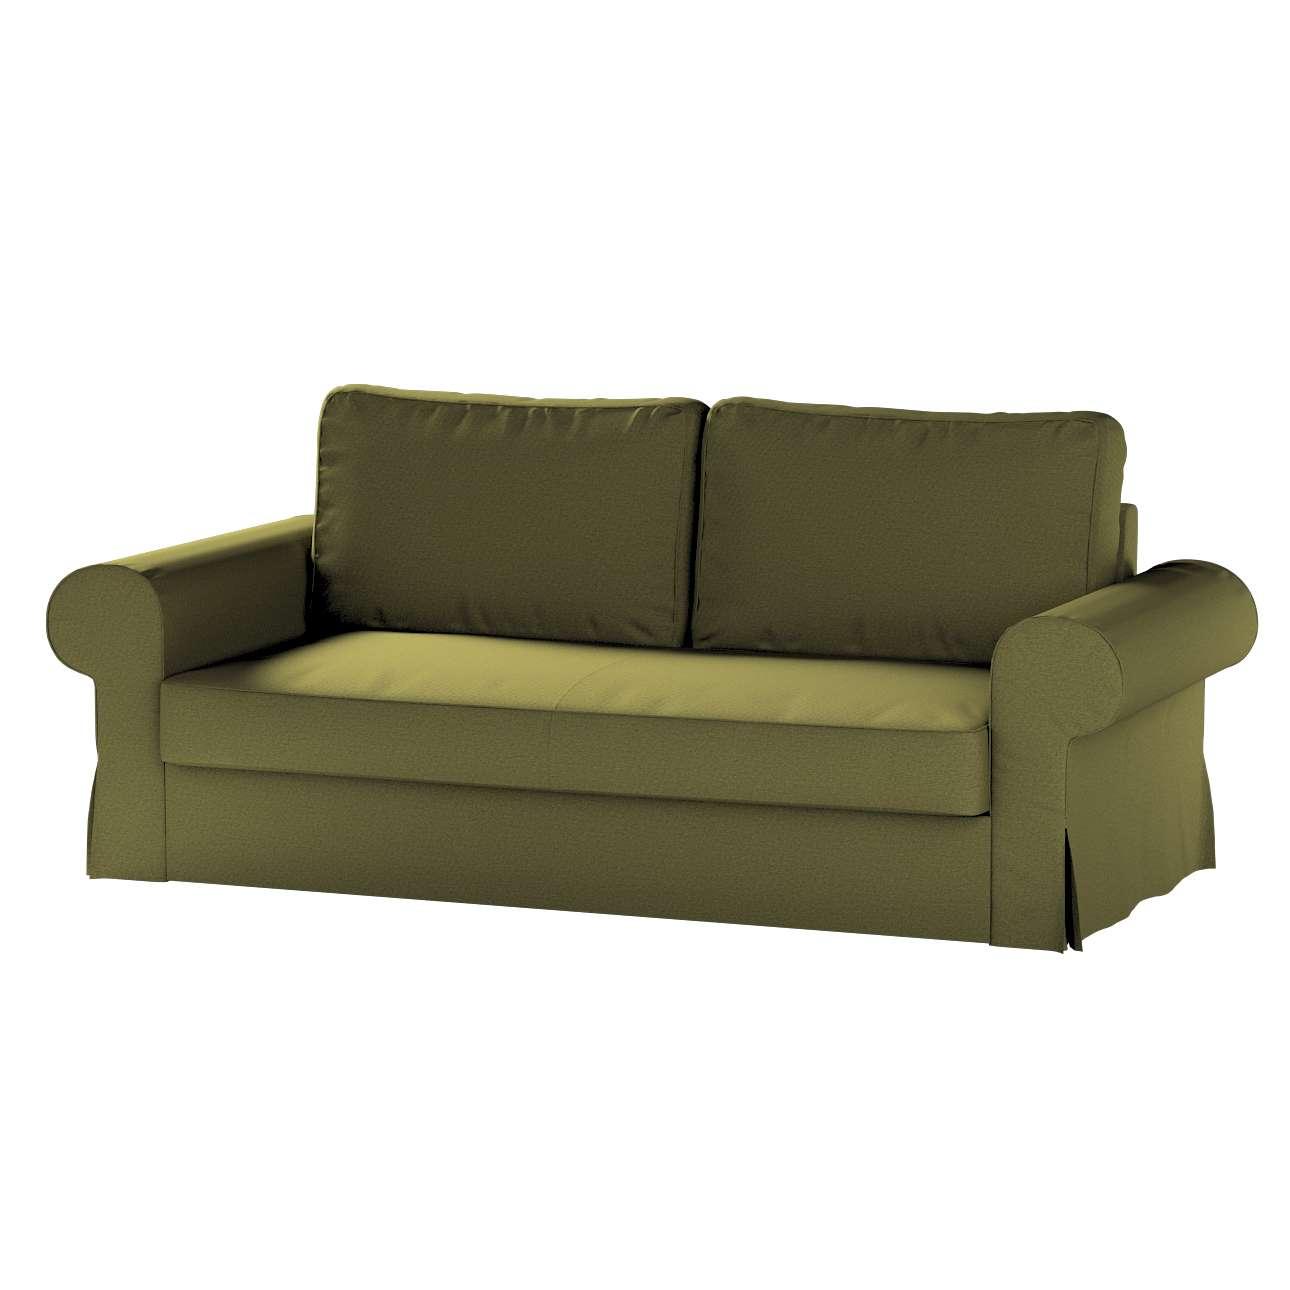 Pokrowiec na sofę Backabro 3-osobową rozkładaną w kolekcji Etna, tkanina: 161-26